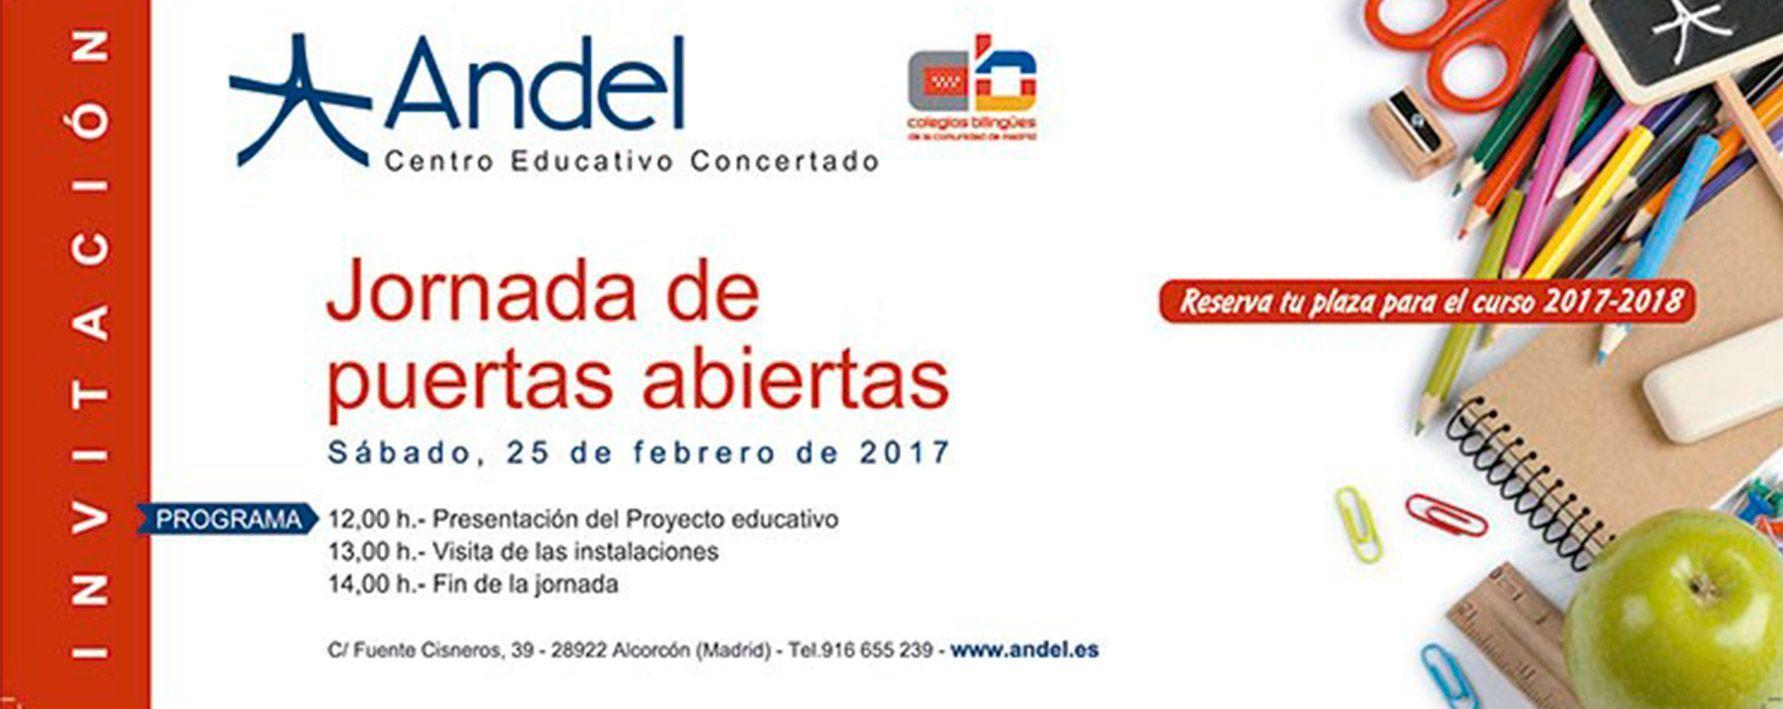 Colegio Andel - Jornada de puertas abiertas